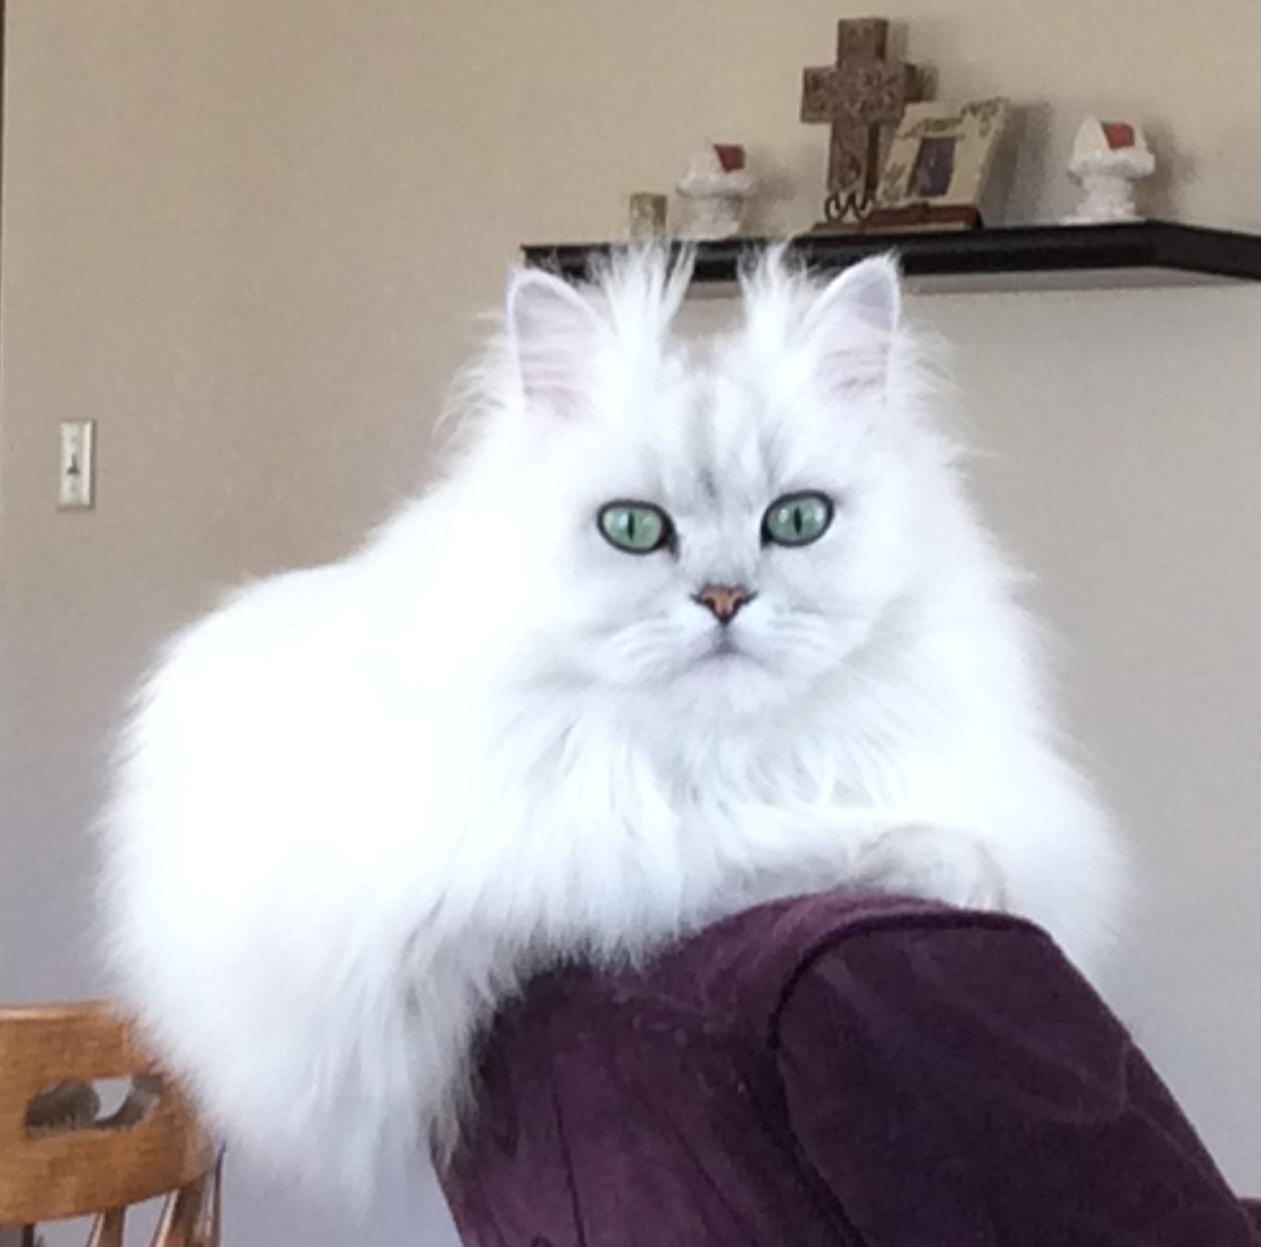 Dearheart Chinchilla Silver Persian Cats/Kittens Carson City